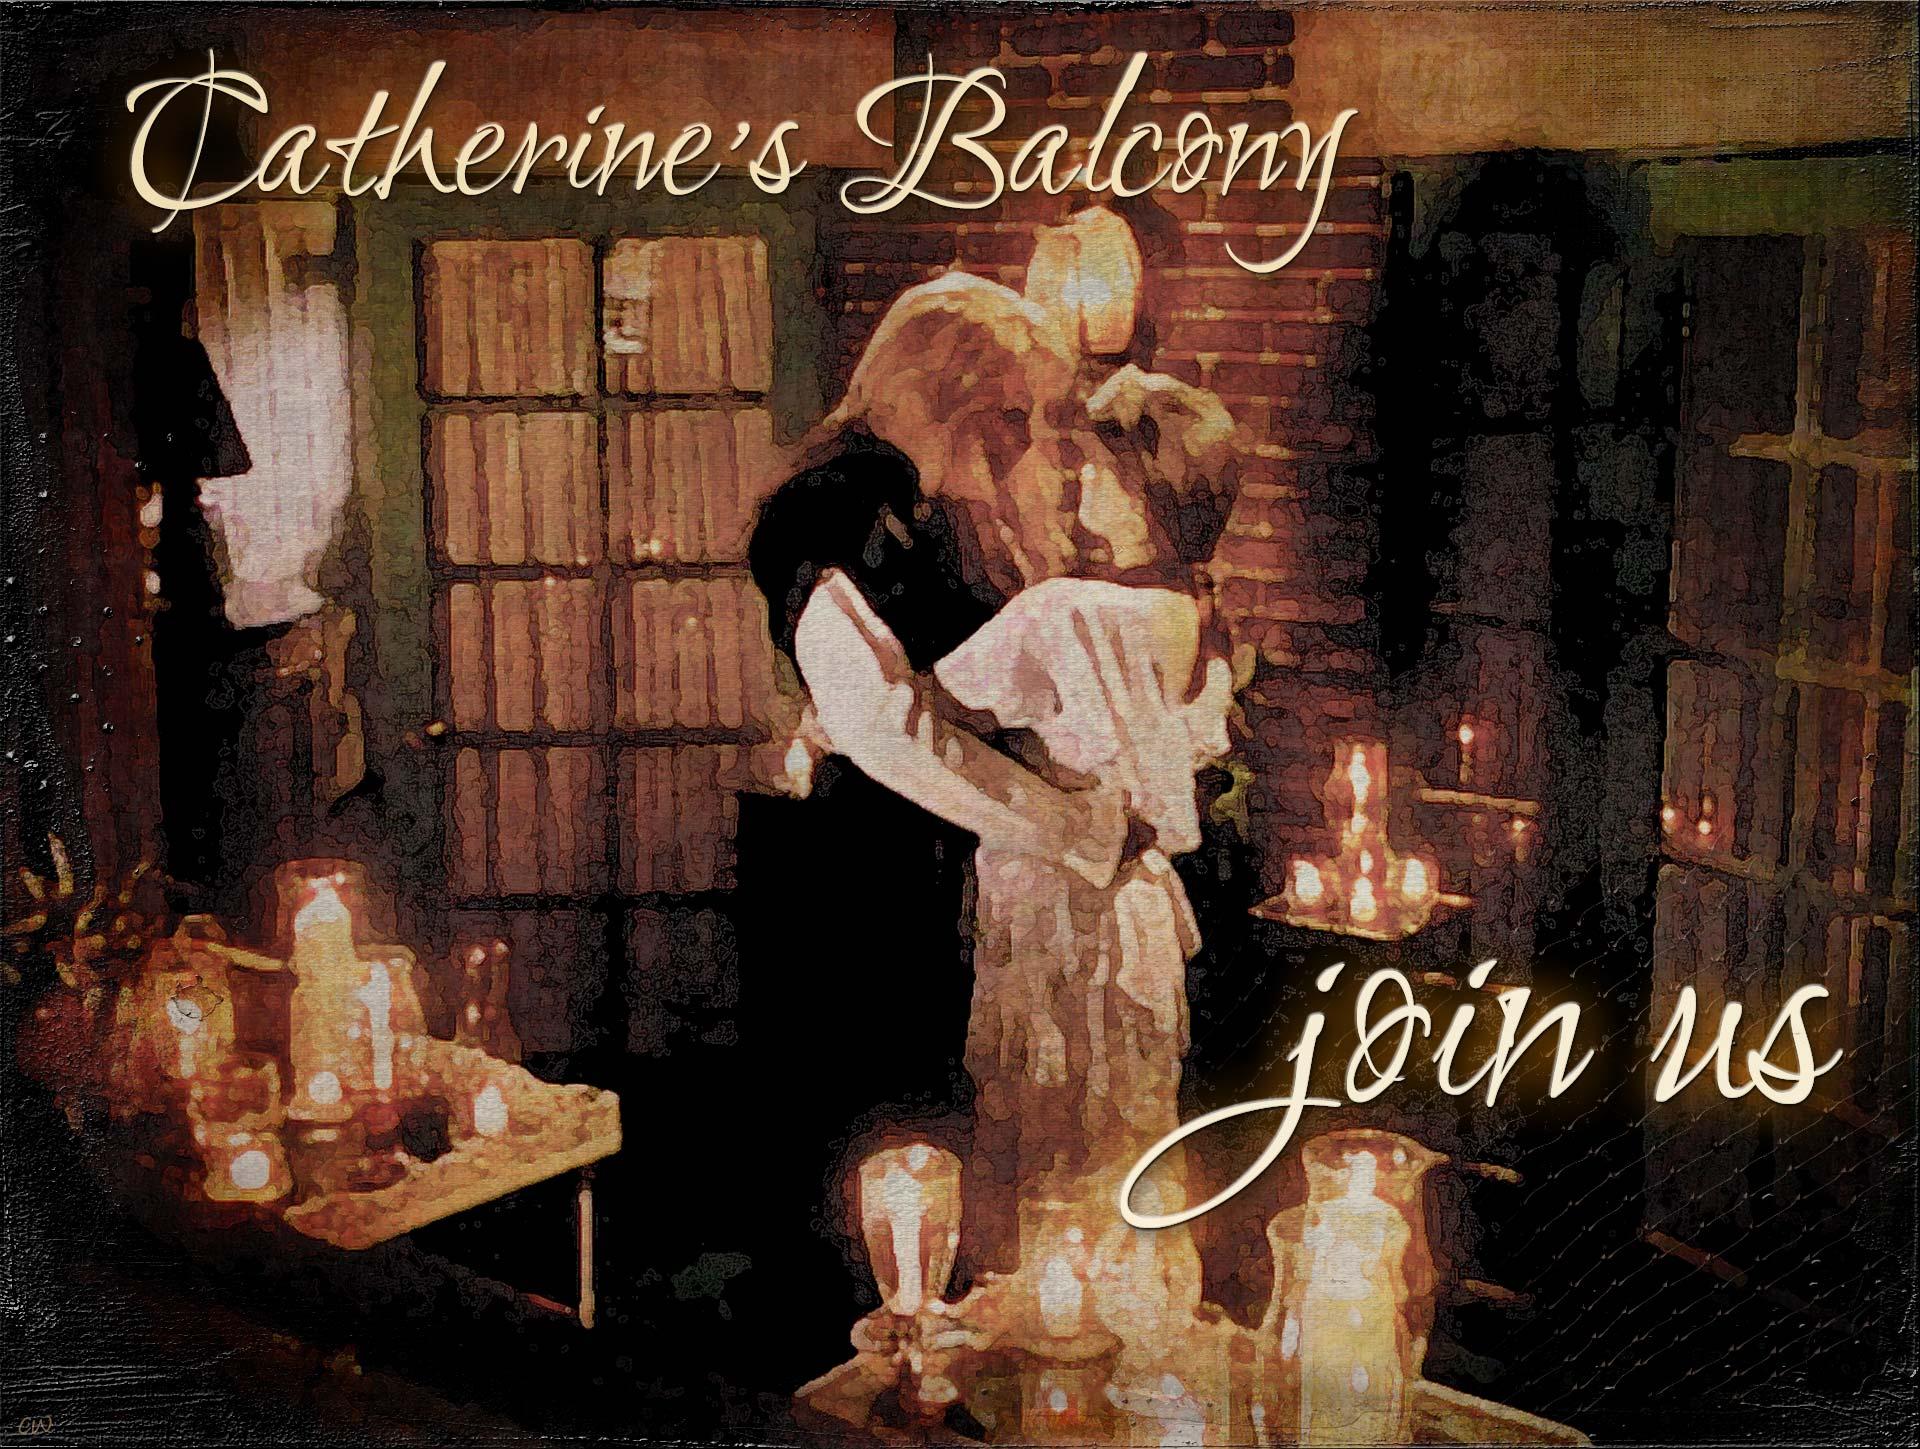 Catherine's Balcony, 2020